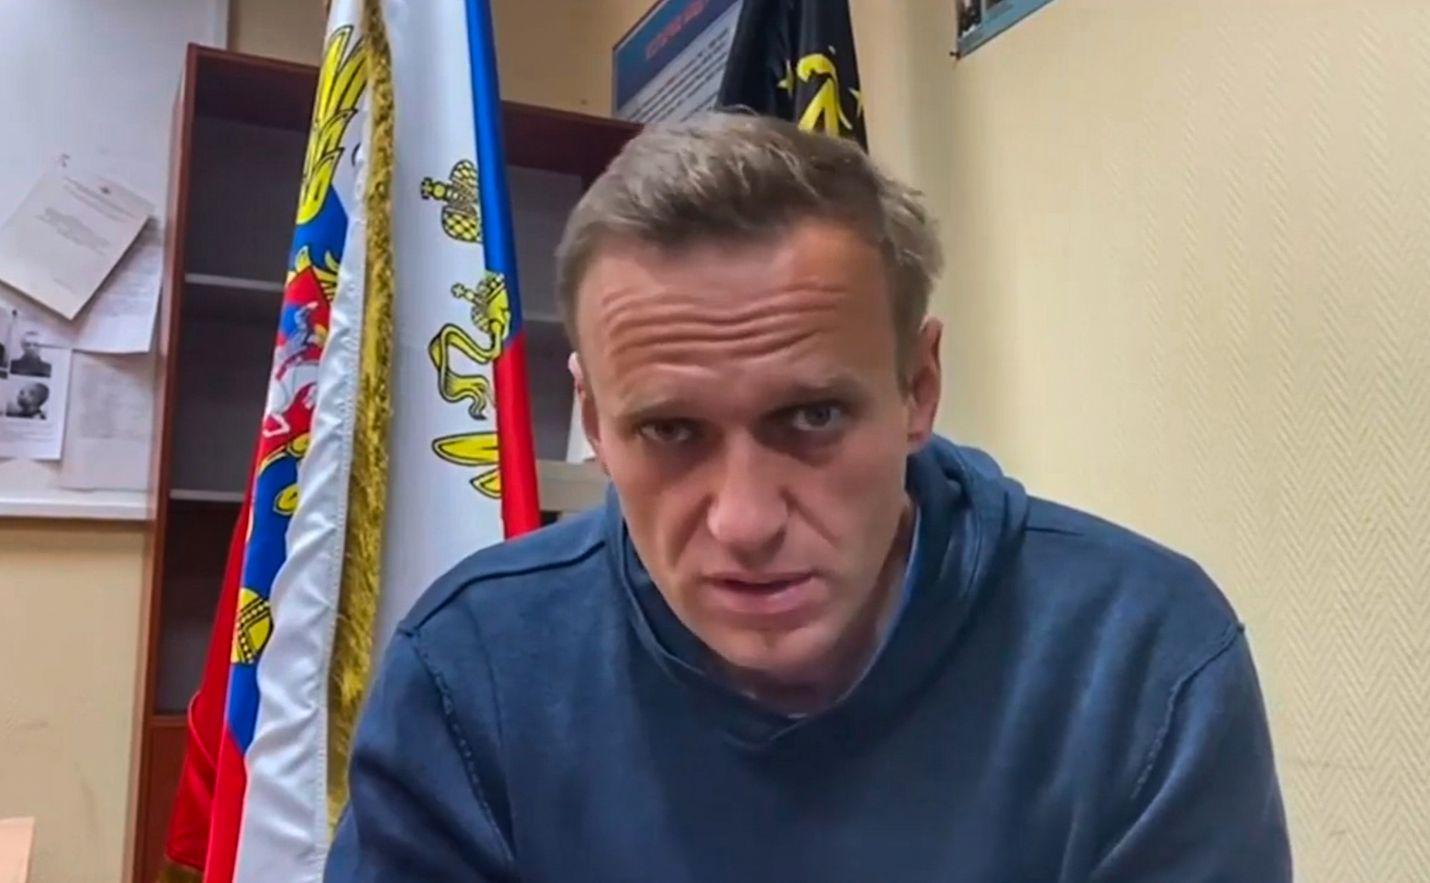 Aleksei Navalnyi oli maanantaina Himkin poliisiasemalla, jossa pidettiin oikeuden istunto. Kuvakaappaus Navalnyin julkaisemalta videolta.